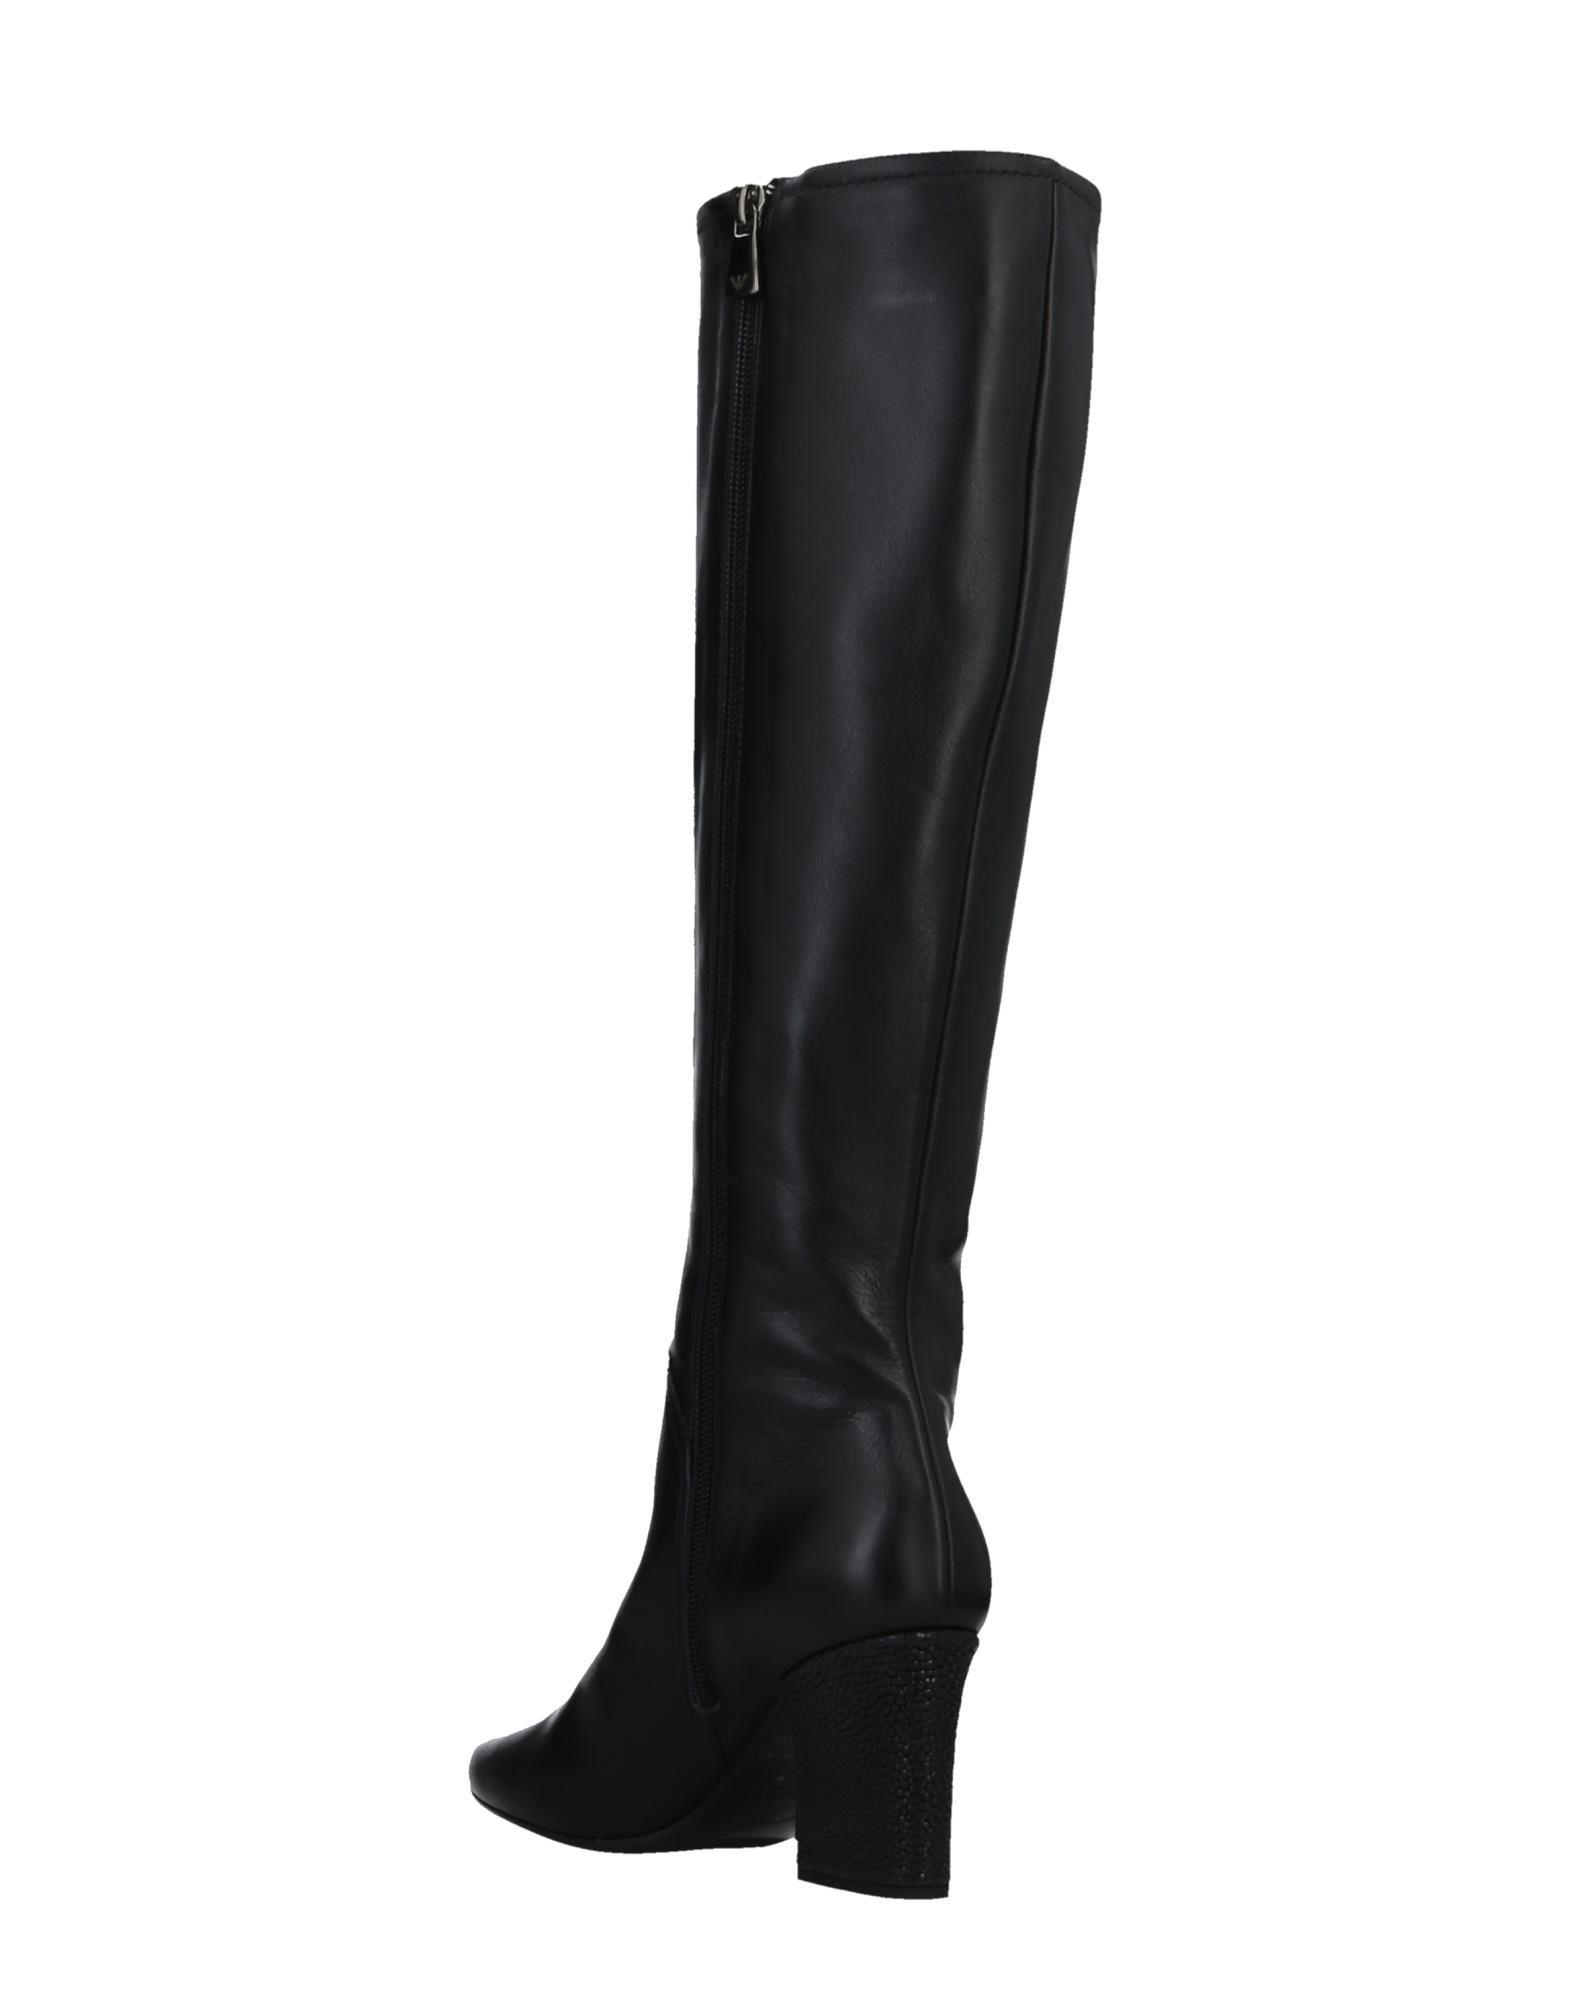 Emporio Armani Stiefel Damen Damen Stiefel  11520951DC Neue Schuhe e5b9fb